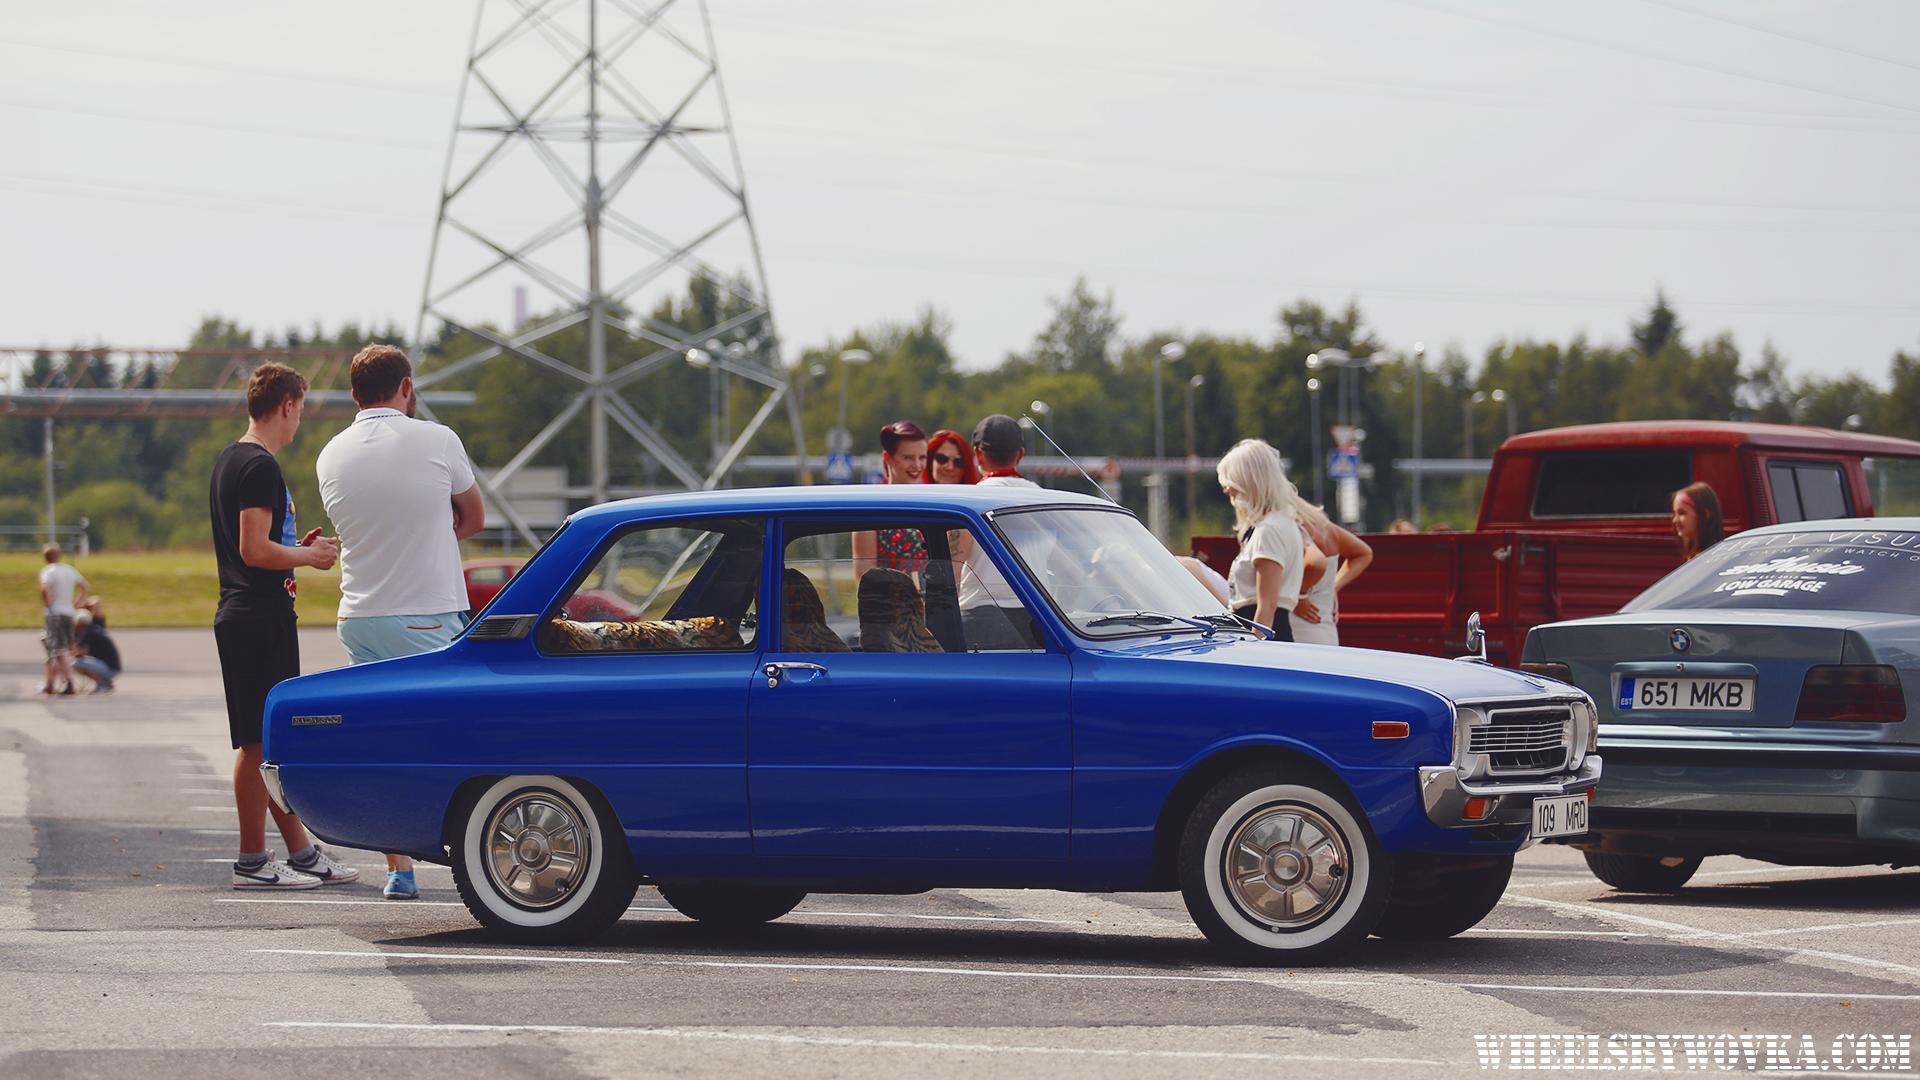 diskustom-magazine-kruise-nite-by-wheelsbywovka-17